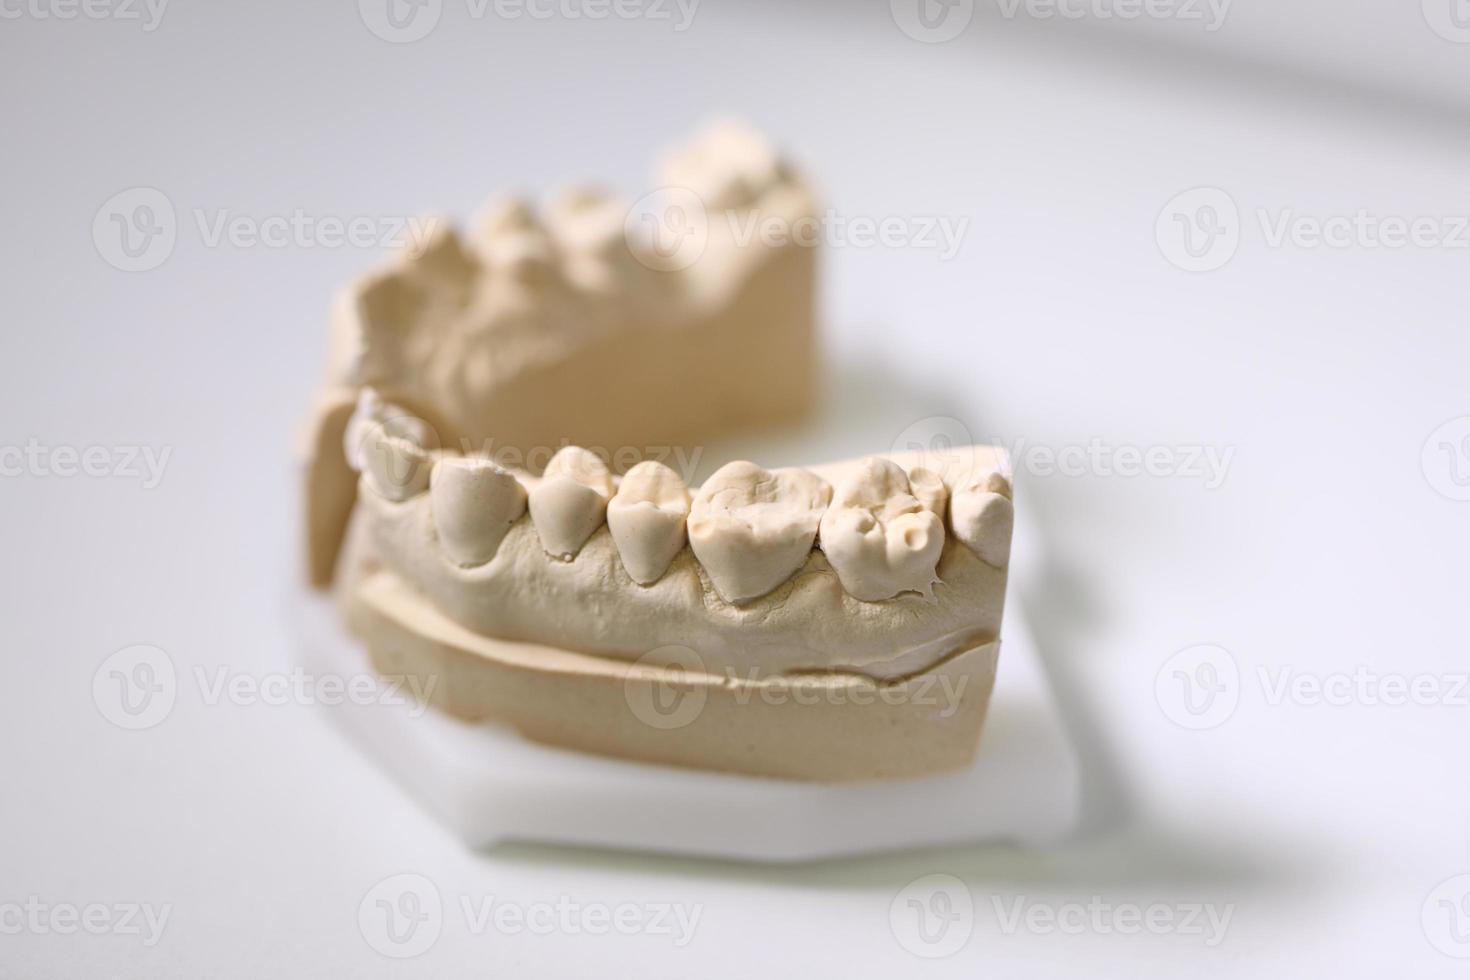 zahnärztliche Zahnarztgegenstände foto